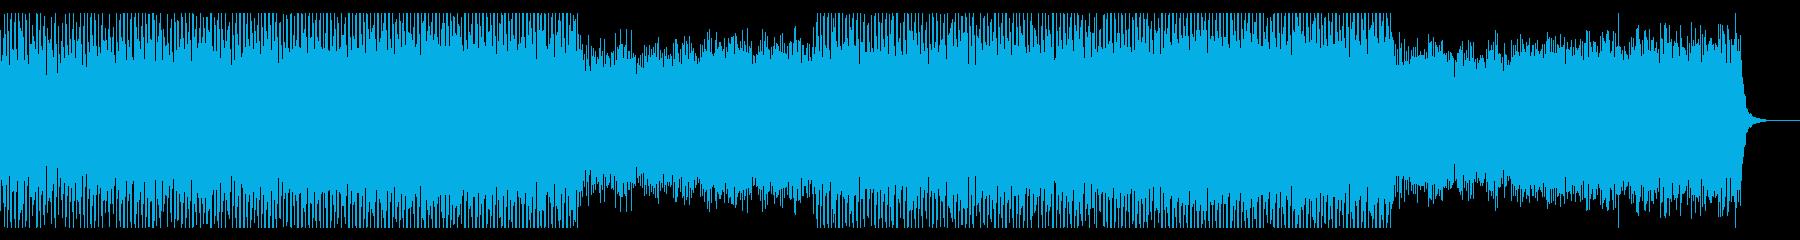 企業VPコーポレート透明感さわやかピアノの再生済みの波形